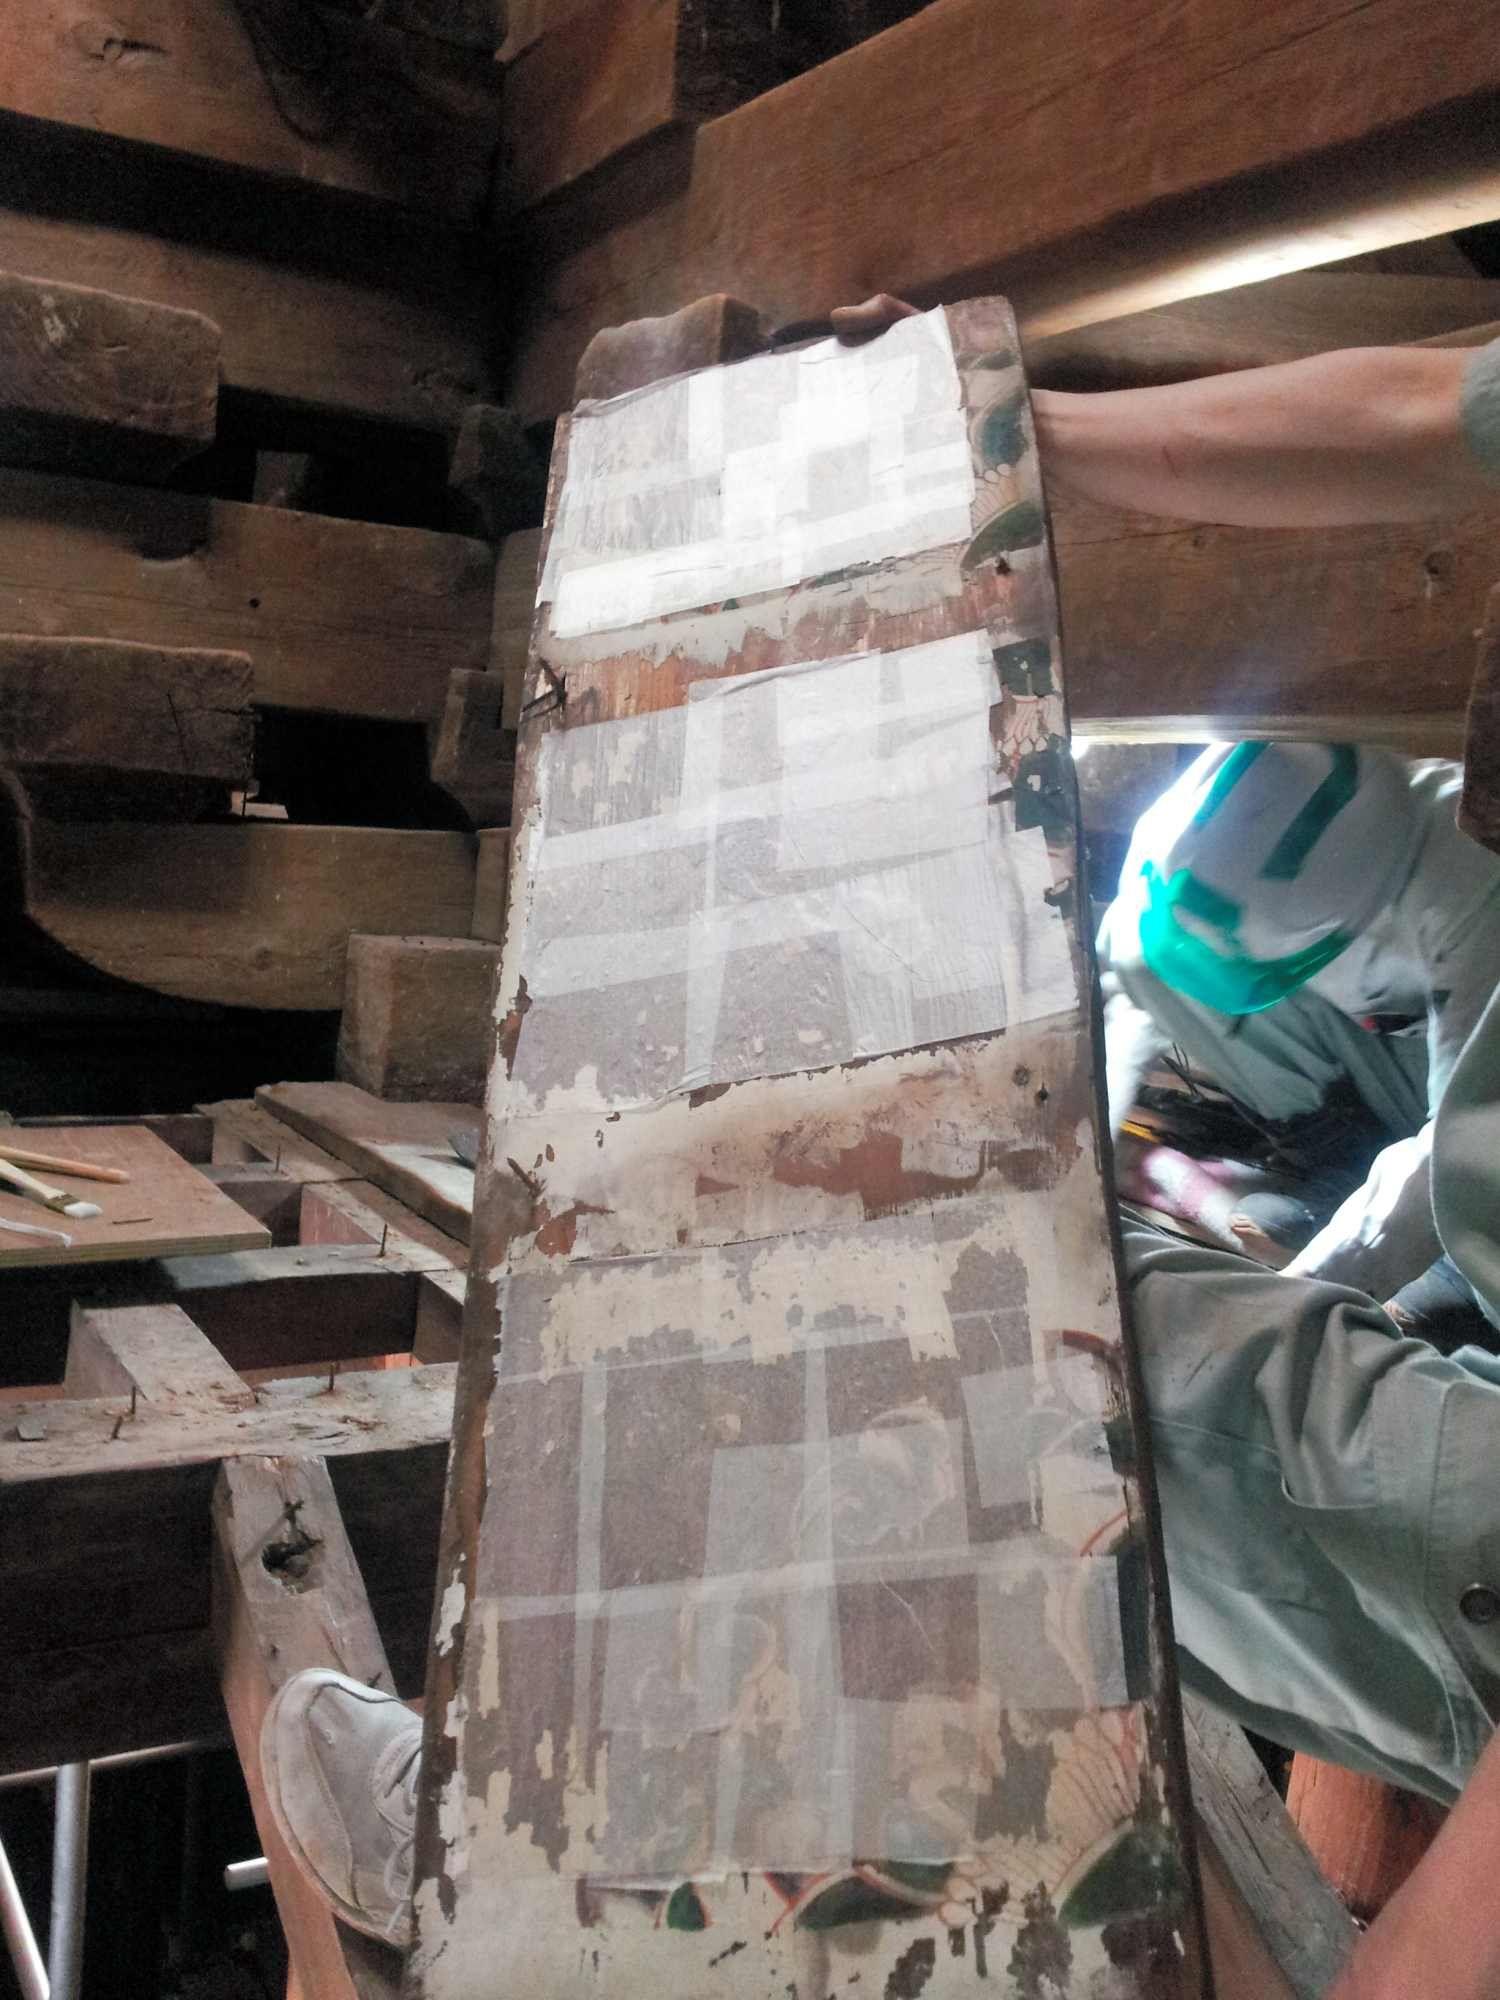 初層 1階 の天井から取り外された板には 極楽の花 宝相華が描かれていた 1300年前の色彩を残す貴重な資料として 表面を薄紙で養生した上で慎重に扱われた 2013年5月31日 小滝ちひろ撮影 28 31 薬師寺東塔の解体修理 朝日新聞デジタル 薄紙